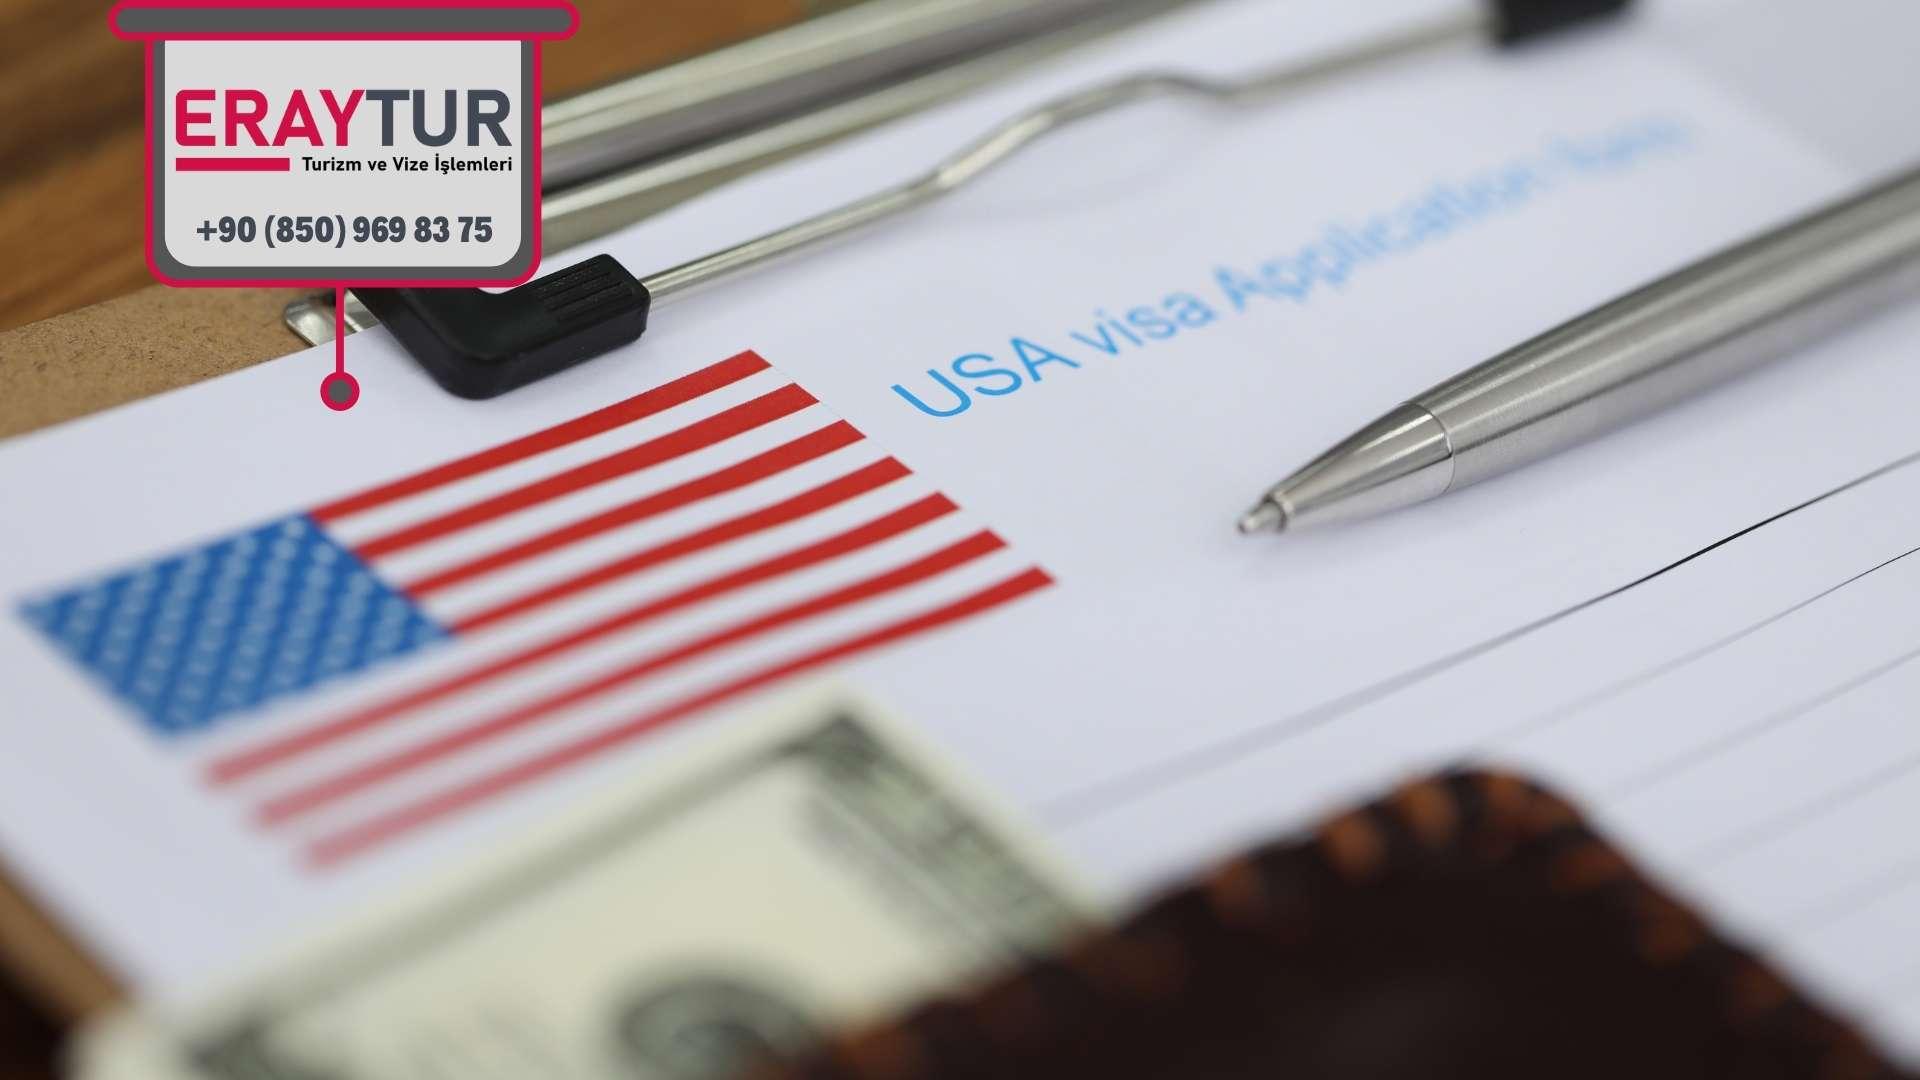 ABD Vize Ücretleri